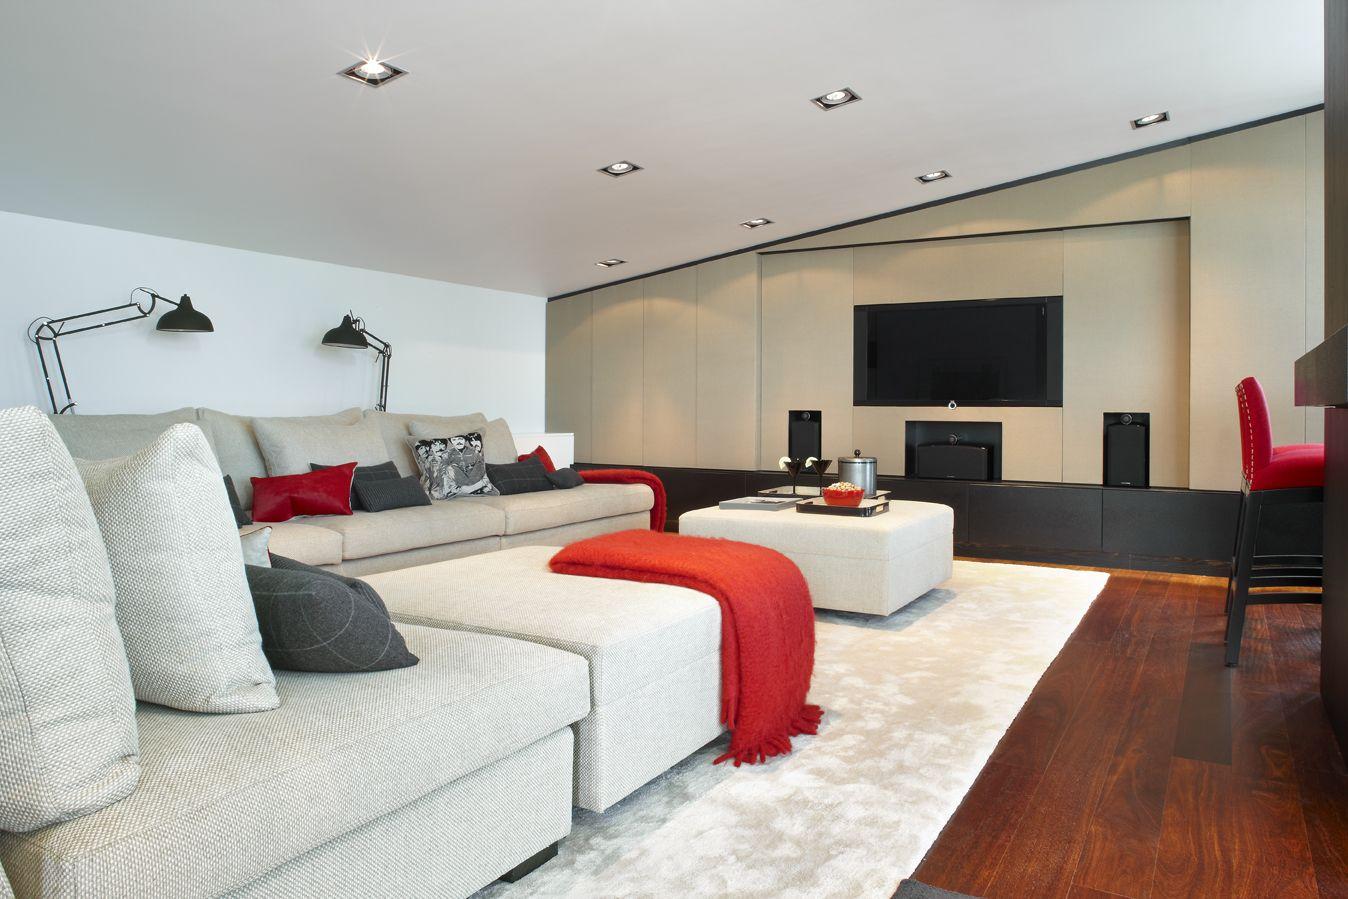 molins interiors arquitectura interior interiorismo decoracin saln buhardilla sof - Interiorismo Salones